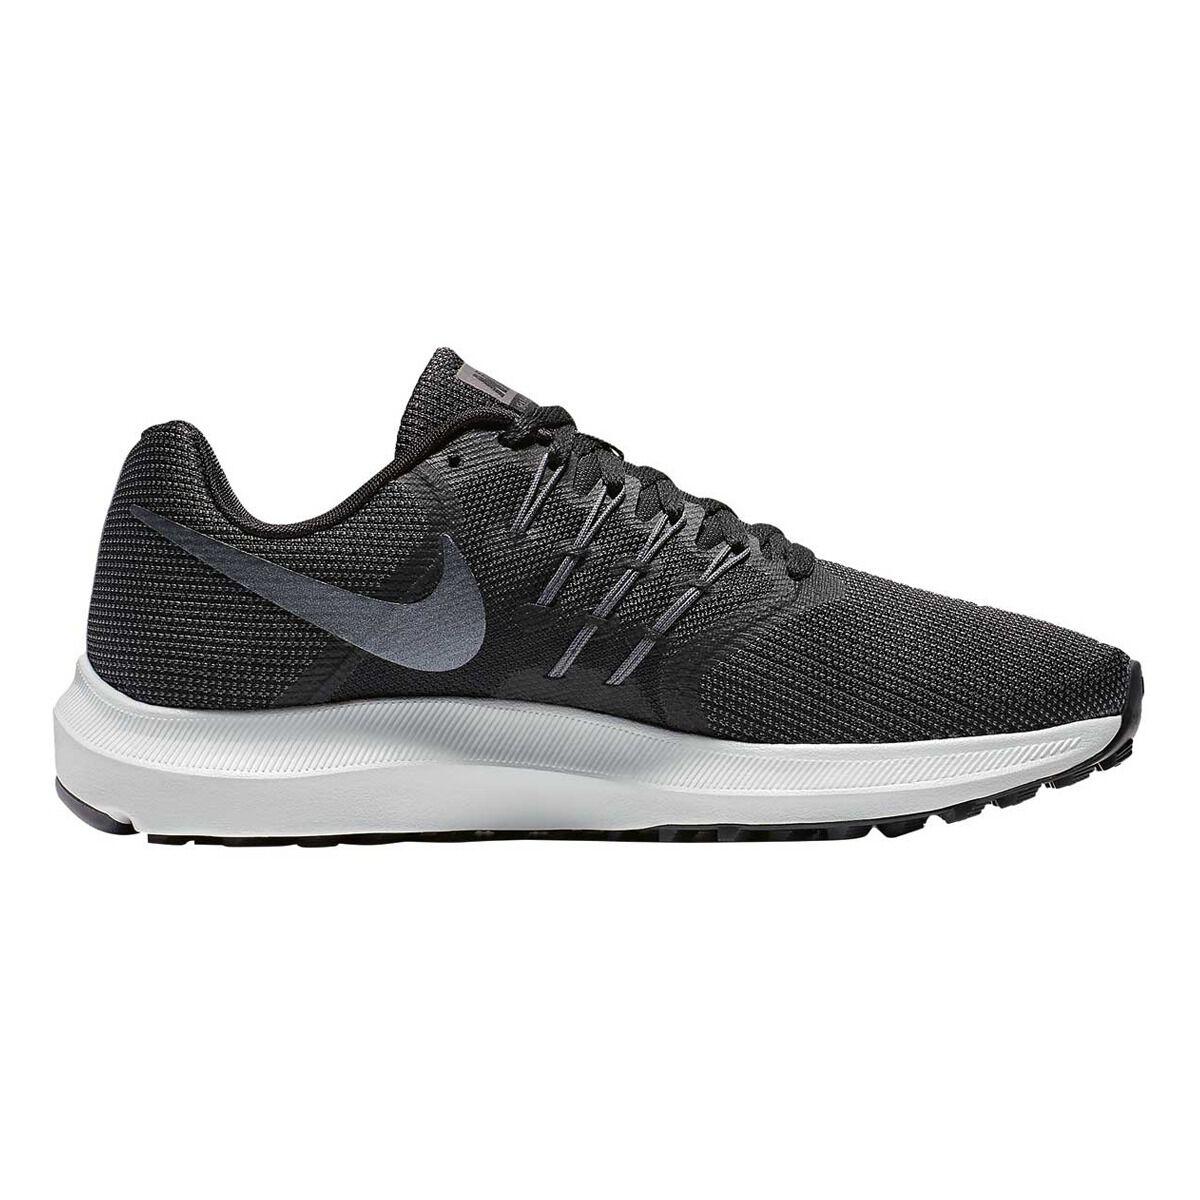 Nike Run Swift Womens Running Shoes Black US 6